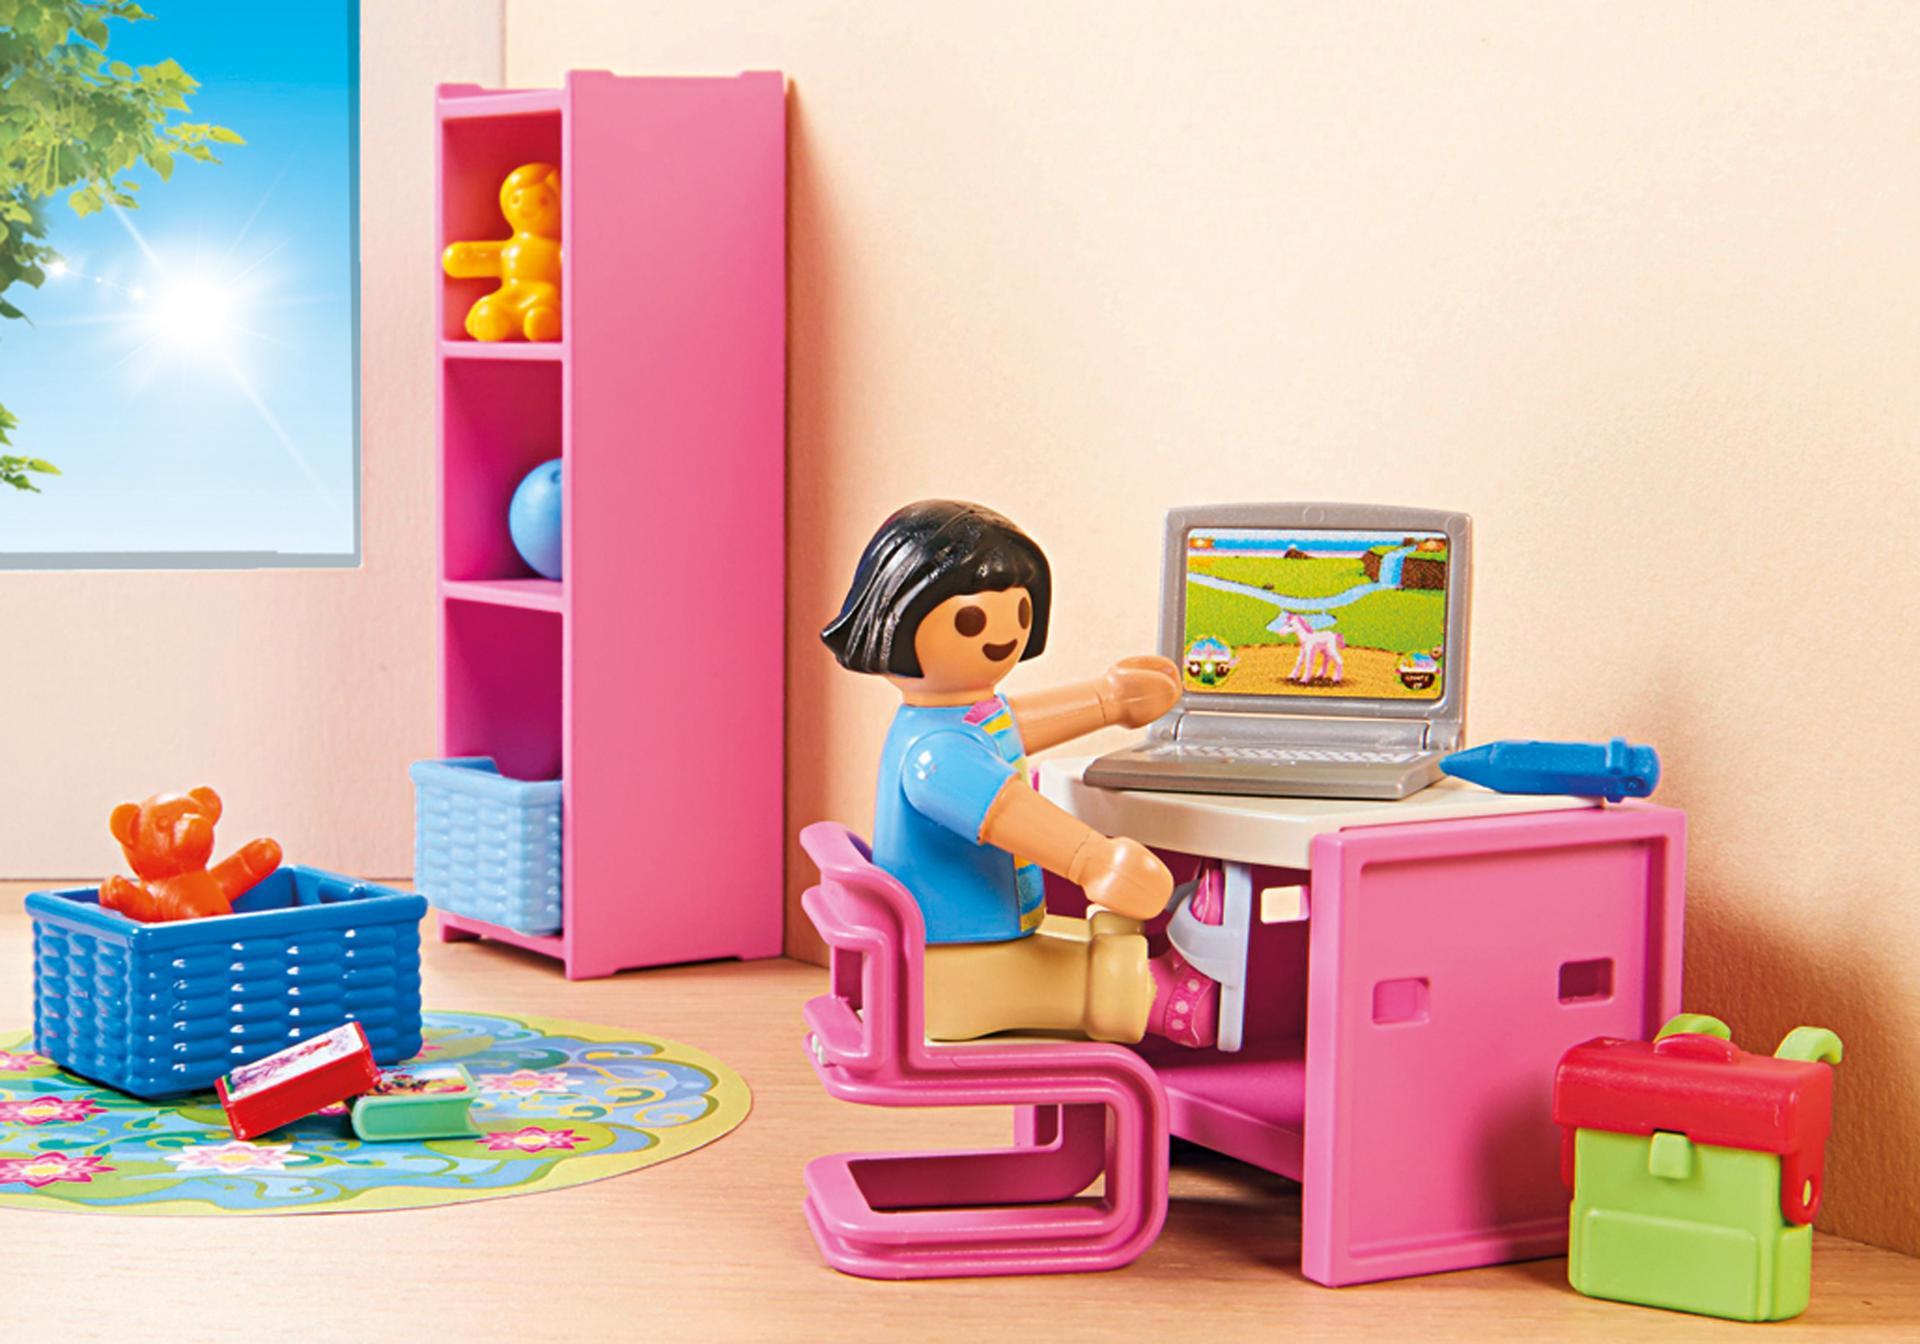 Kinderkamer met hoogslaper 9270 playmobil nederland for Kinderzimmer playmobil